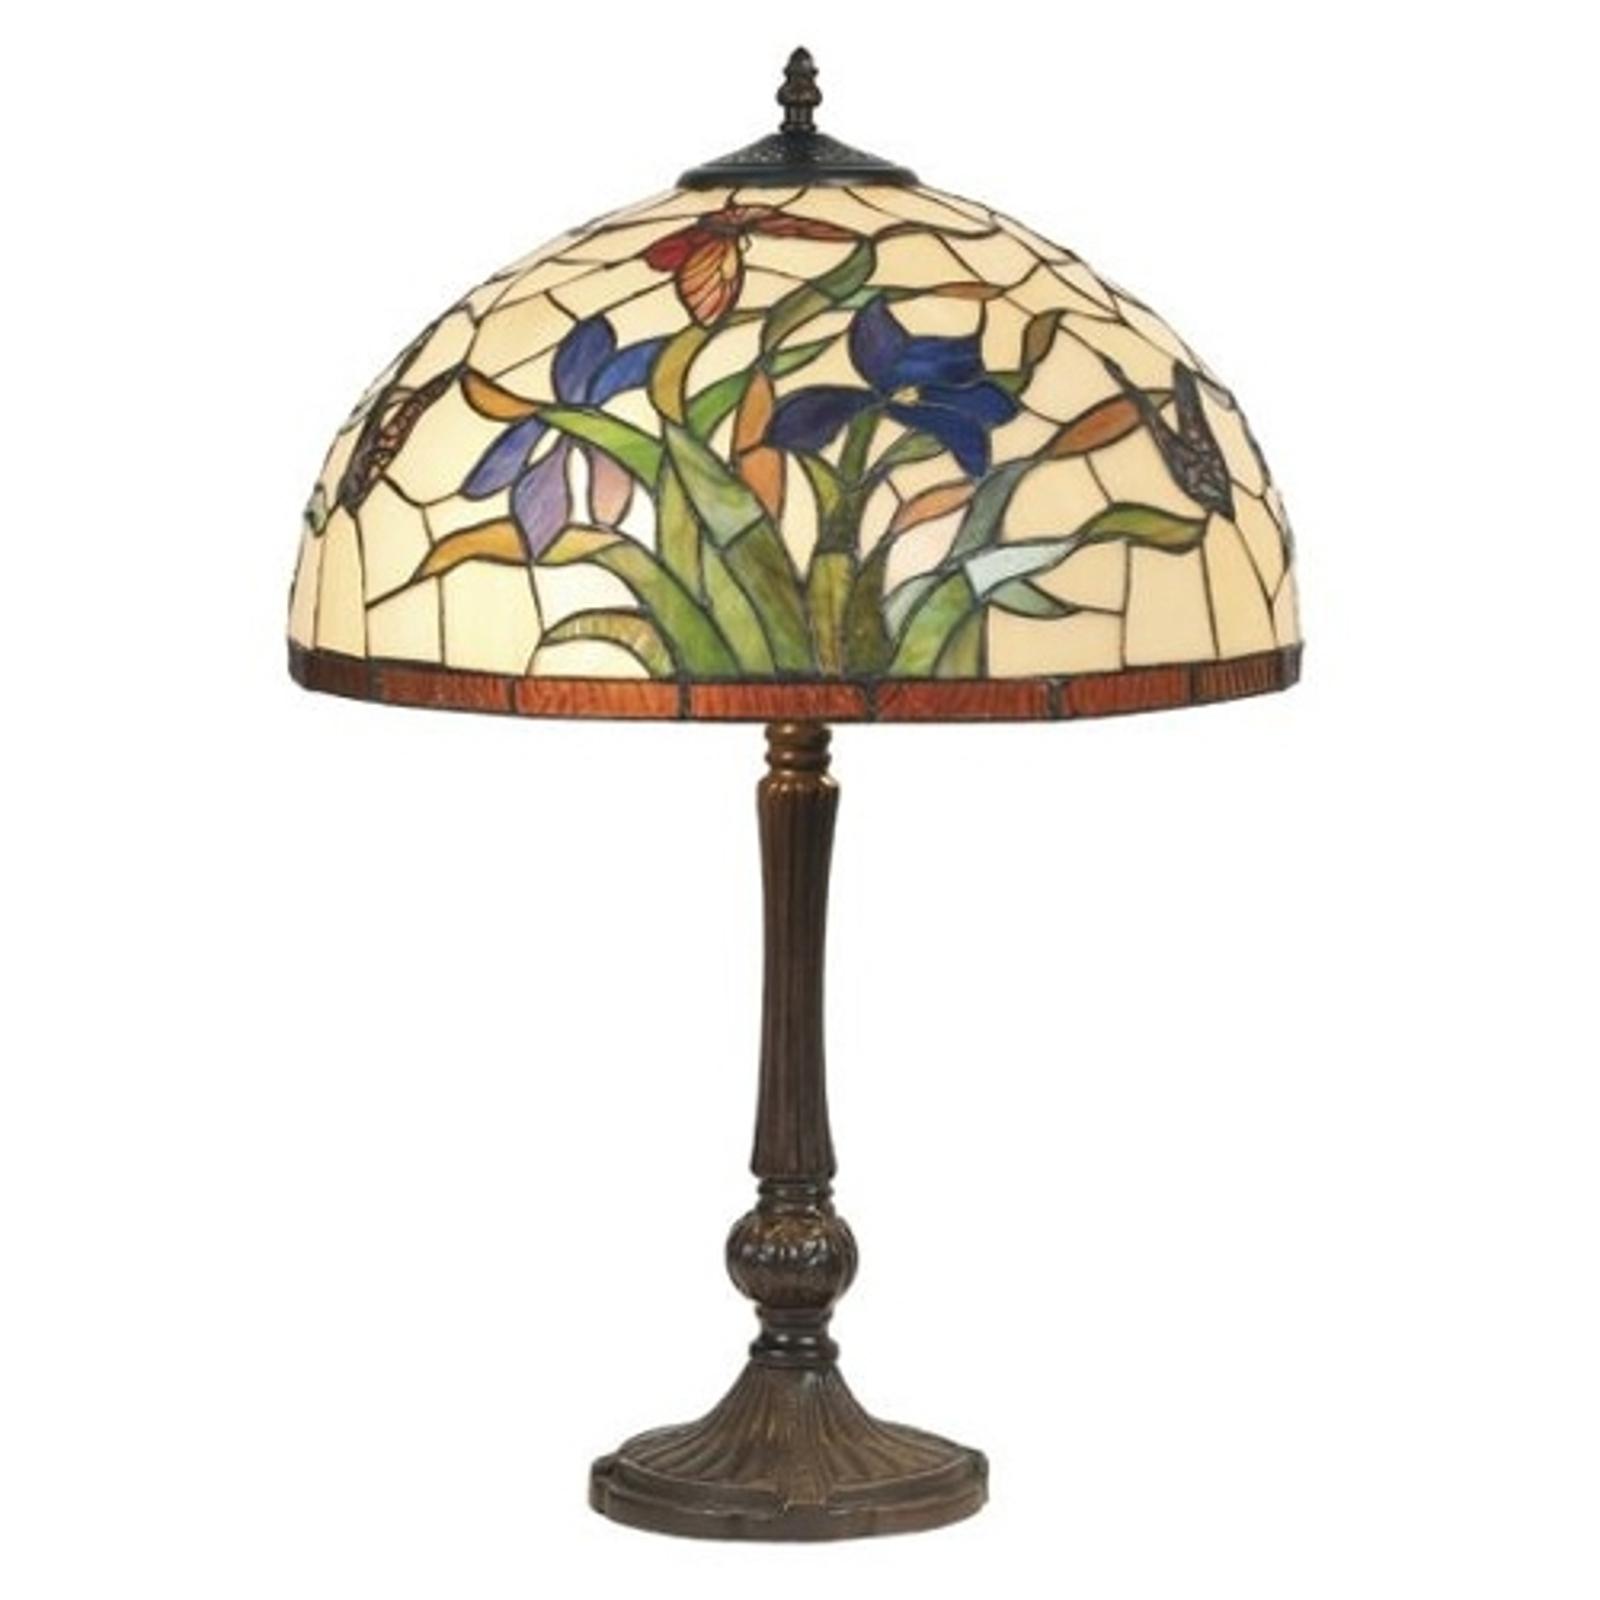 Elanda bordlampe i Tiffany-stil, 62 cm